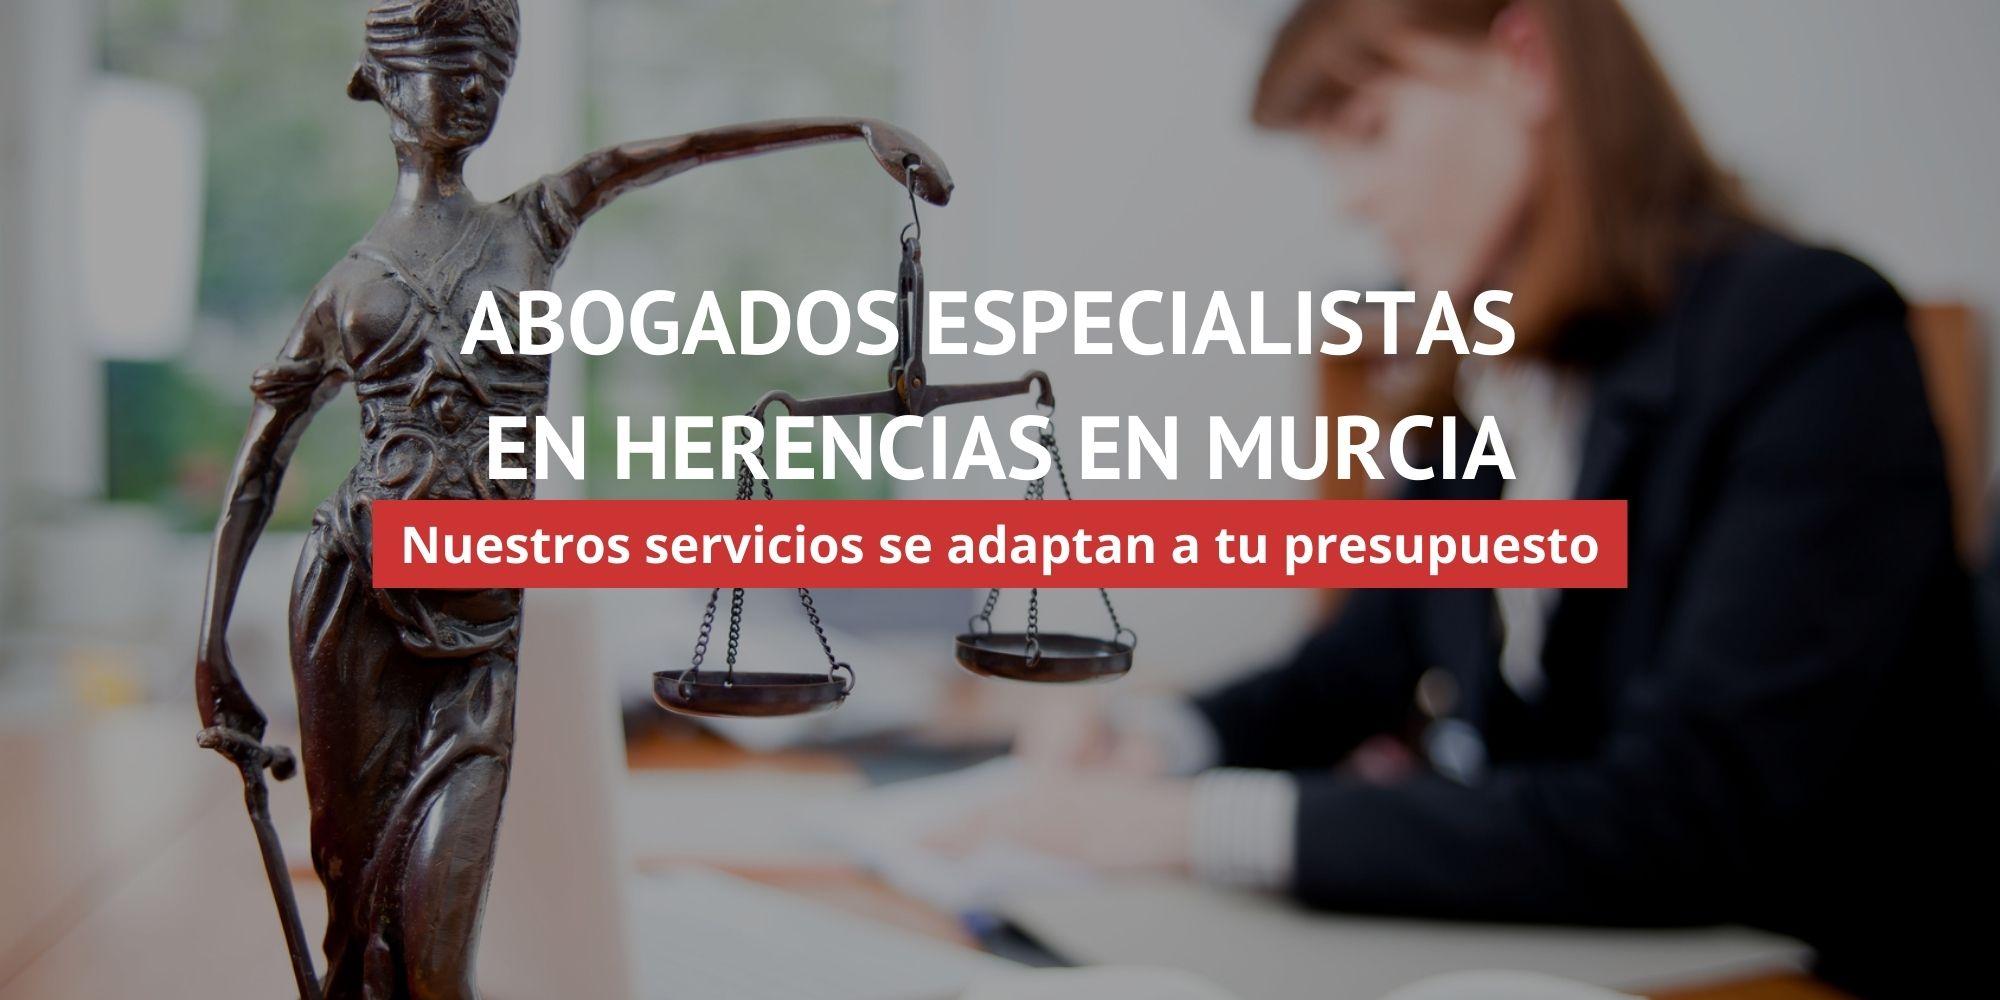 Abogados Herencias Murcia - Primera Visita Gratis | ACC LEGAL ABOGADOS